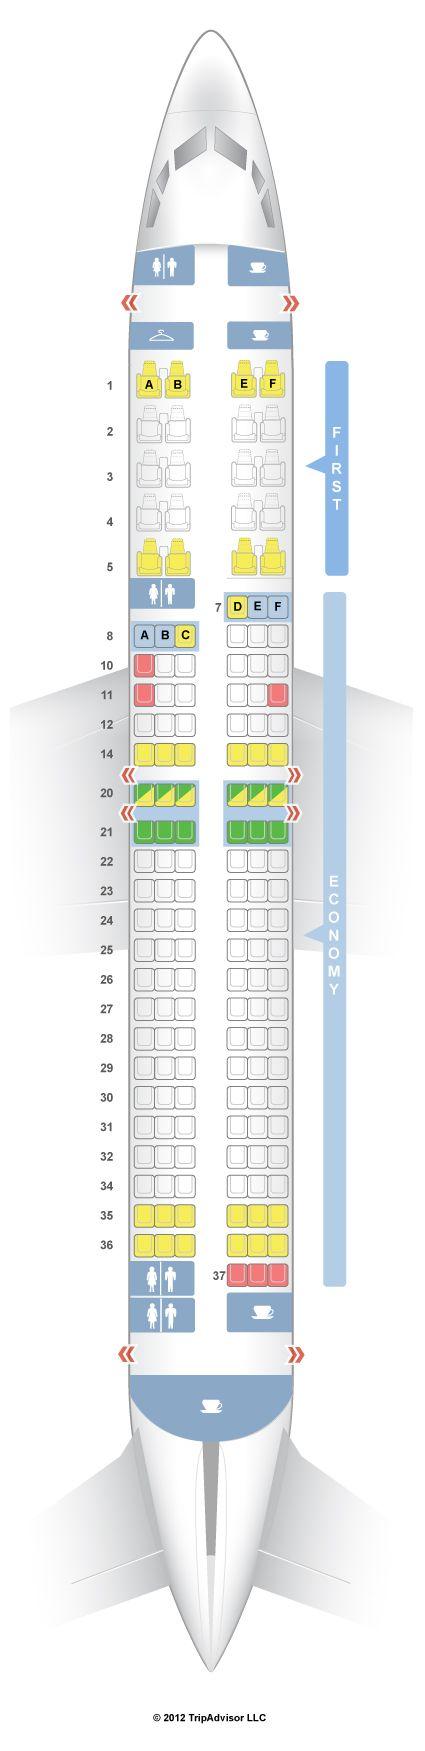 Boeing 737-800| Seat plan